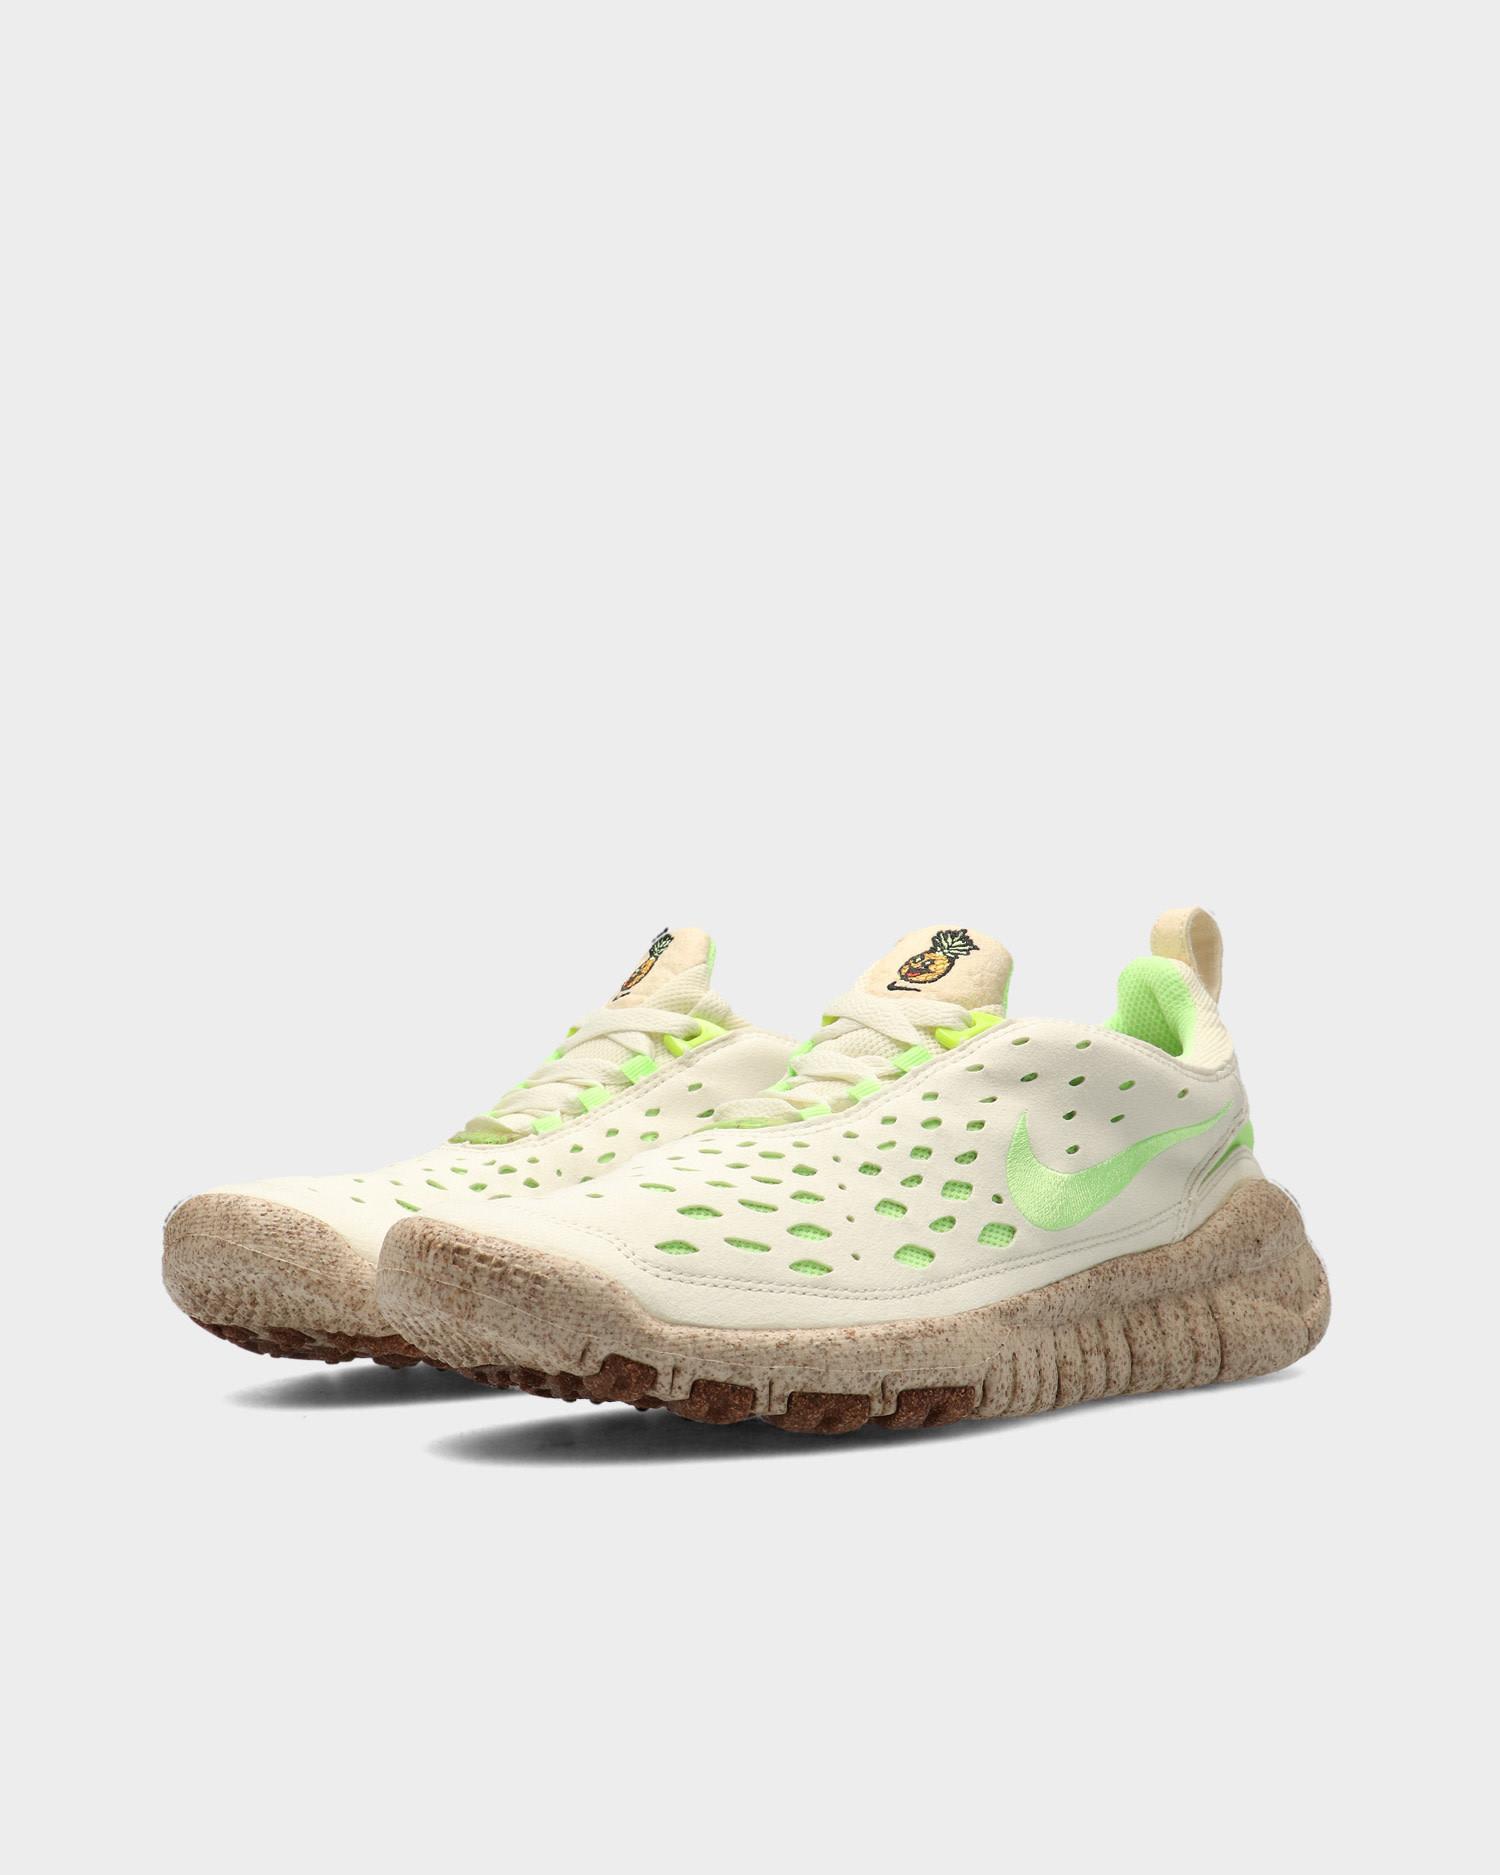 Nike Free Run Trail Neutral Grey/White-Summit White